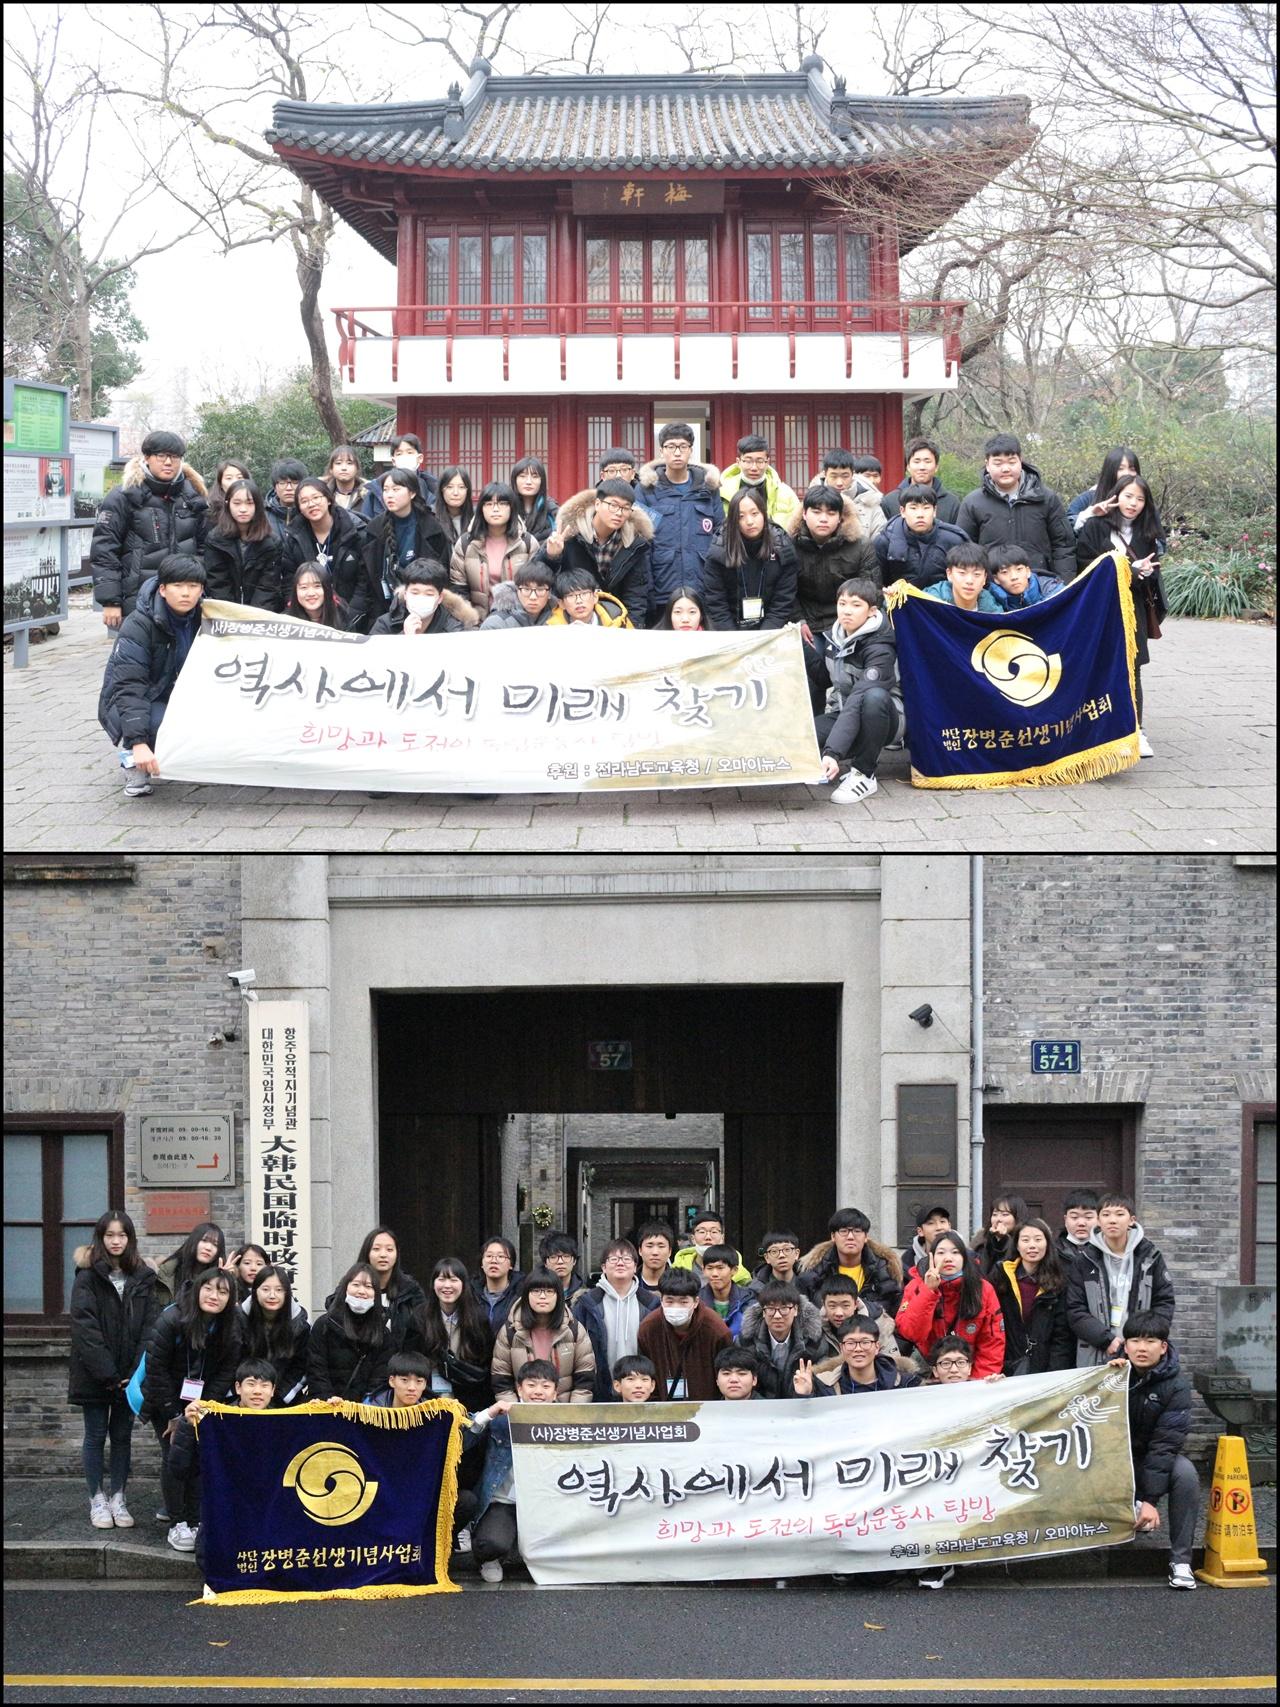 윤봉길 기념관 앞에서 (위), 항저우 임시정부청사 앞에서 (아래) 역사에서 미래찾기 사진